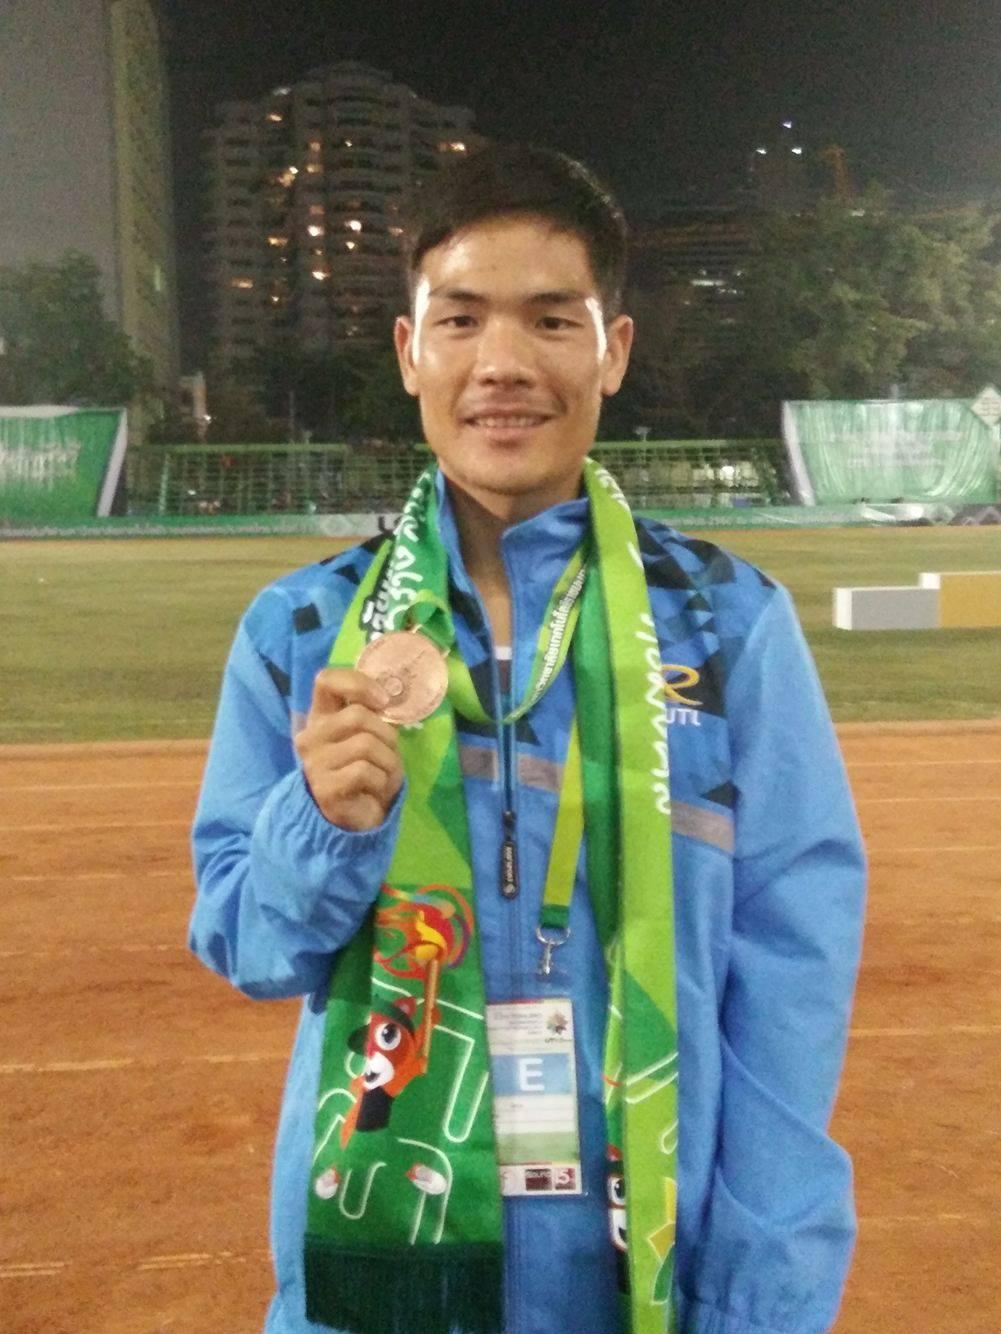 นักกรีฑาจาก มทร.ล้านนา ลำปาง คว้ารางวัลเหรียญทองแดง วิ่ง 5,000 เมตร - ชาย